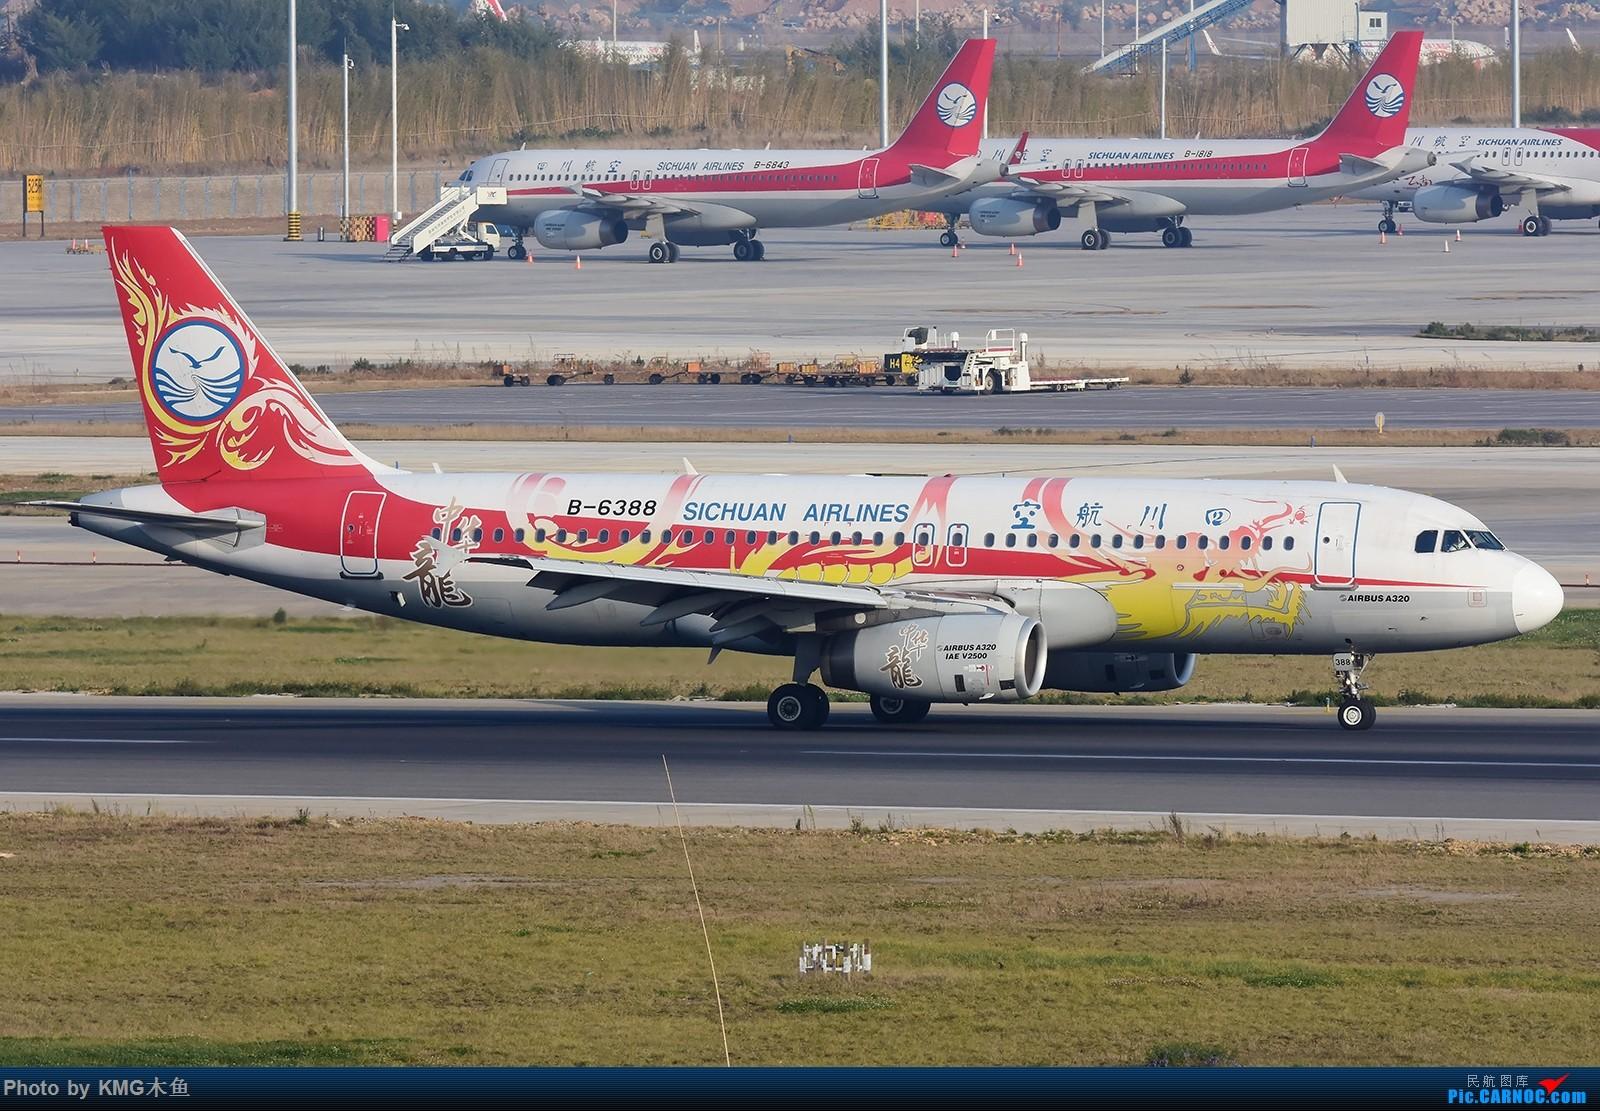 Re:[原创]【昆明长水国际机场——KMG木鱼拍机】发一波库存图 AIRBUS A320-200 B-6388 中国昆明长水国际机场